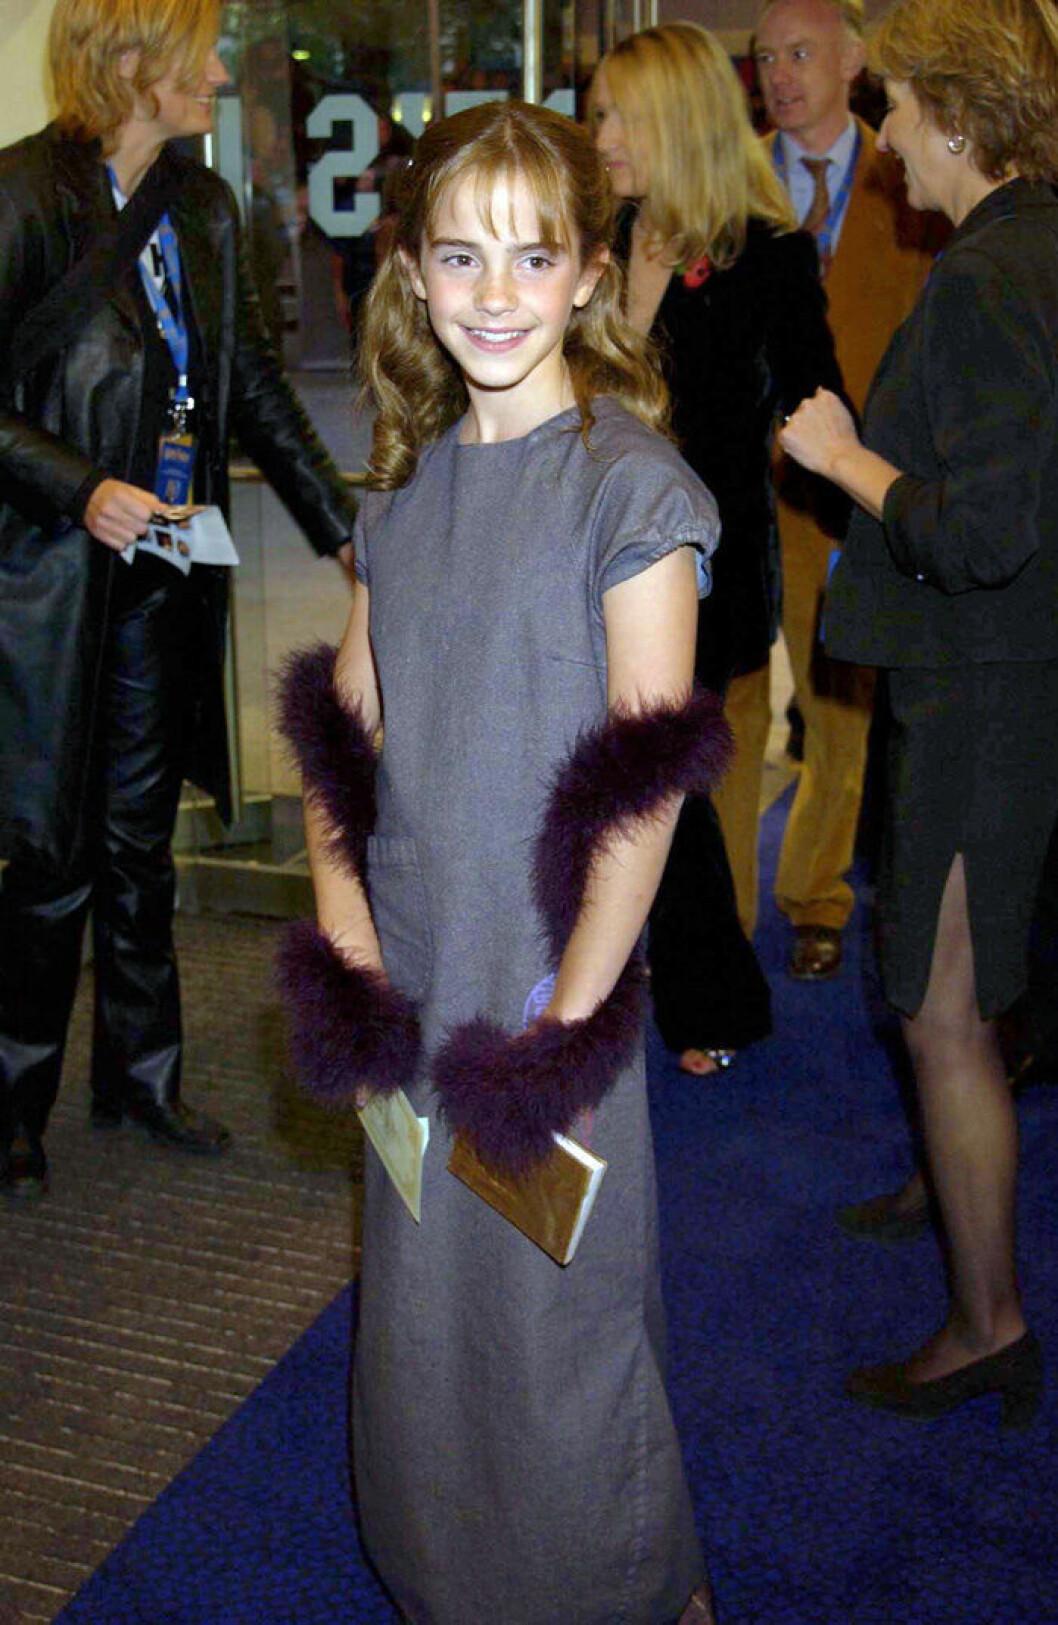 En bild på skådespelerskan Emma Watson 2001.